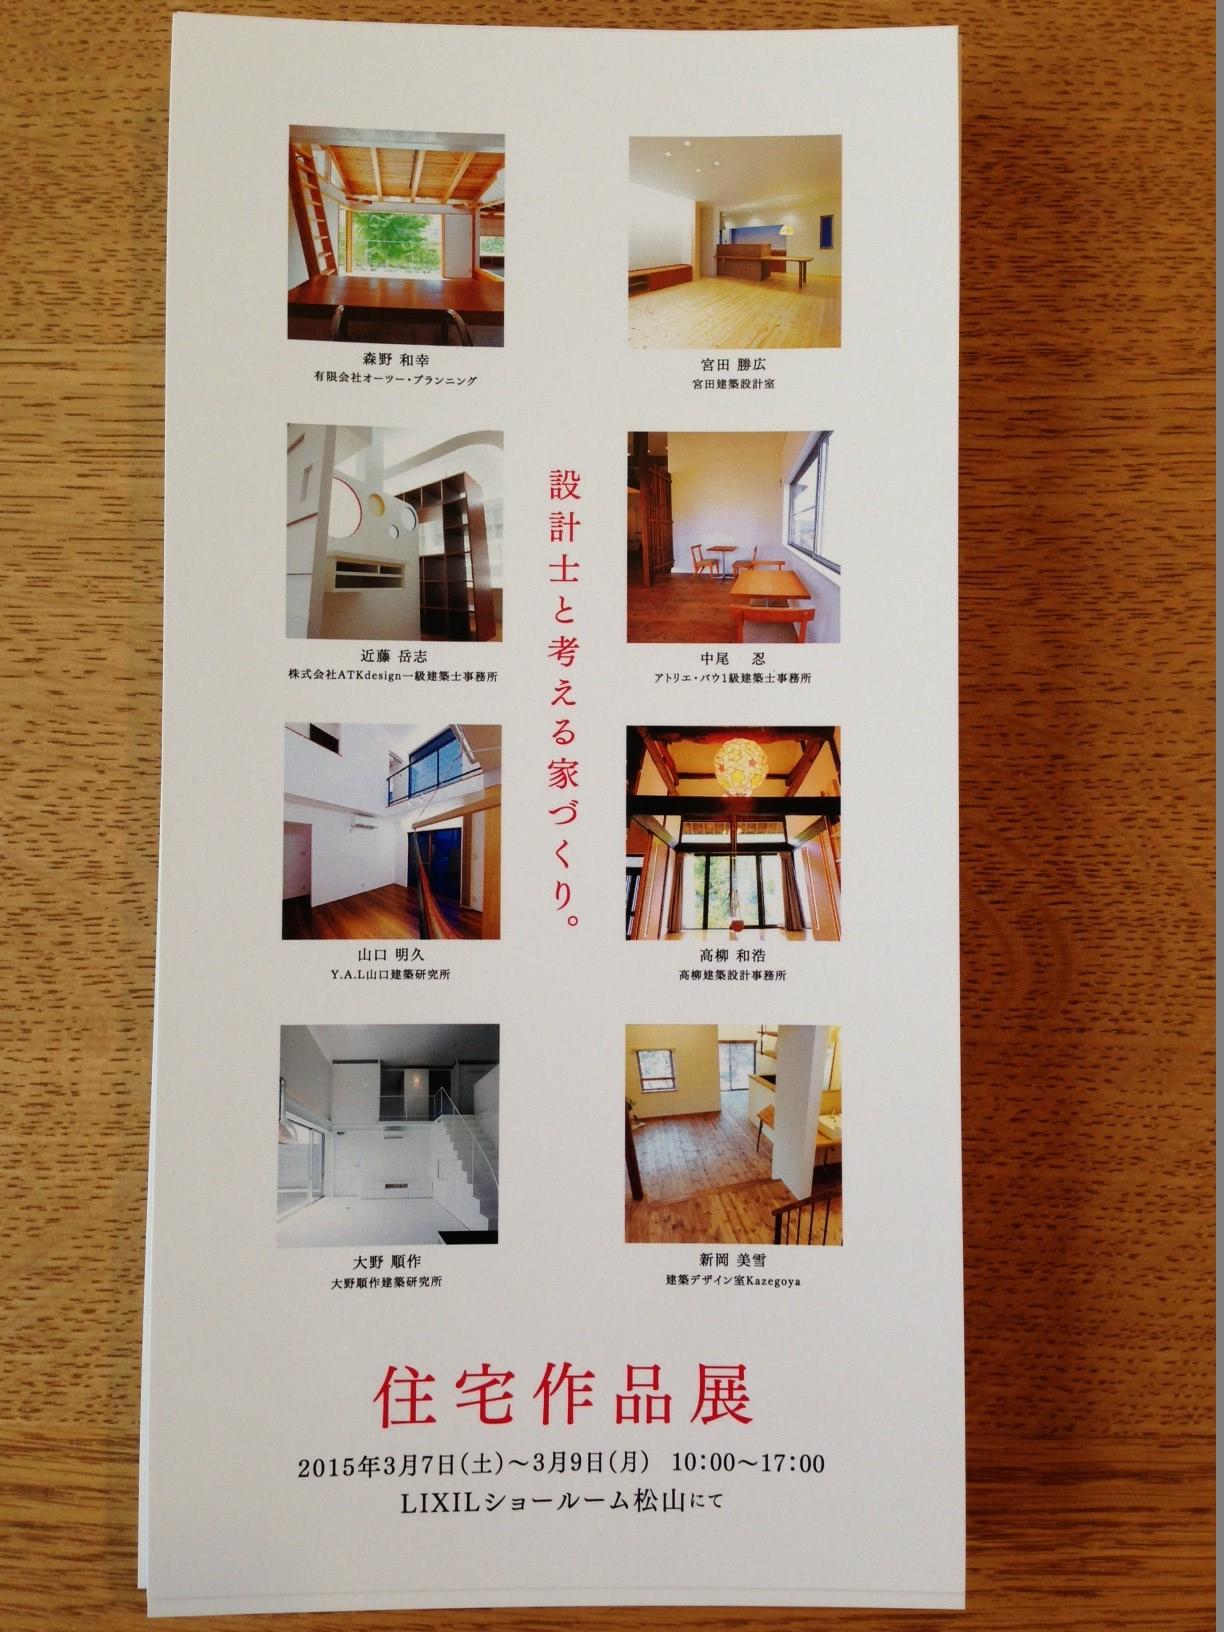 住宅展「設計事務所と考える家づくり」_e0028417_0221685.jpg